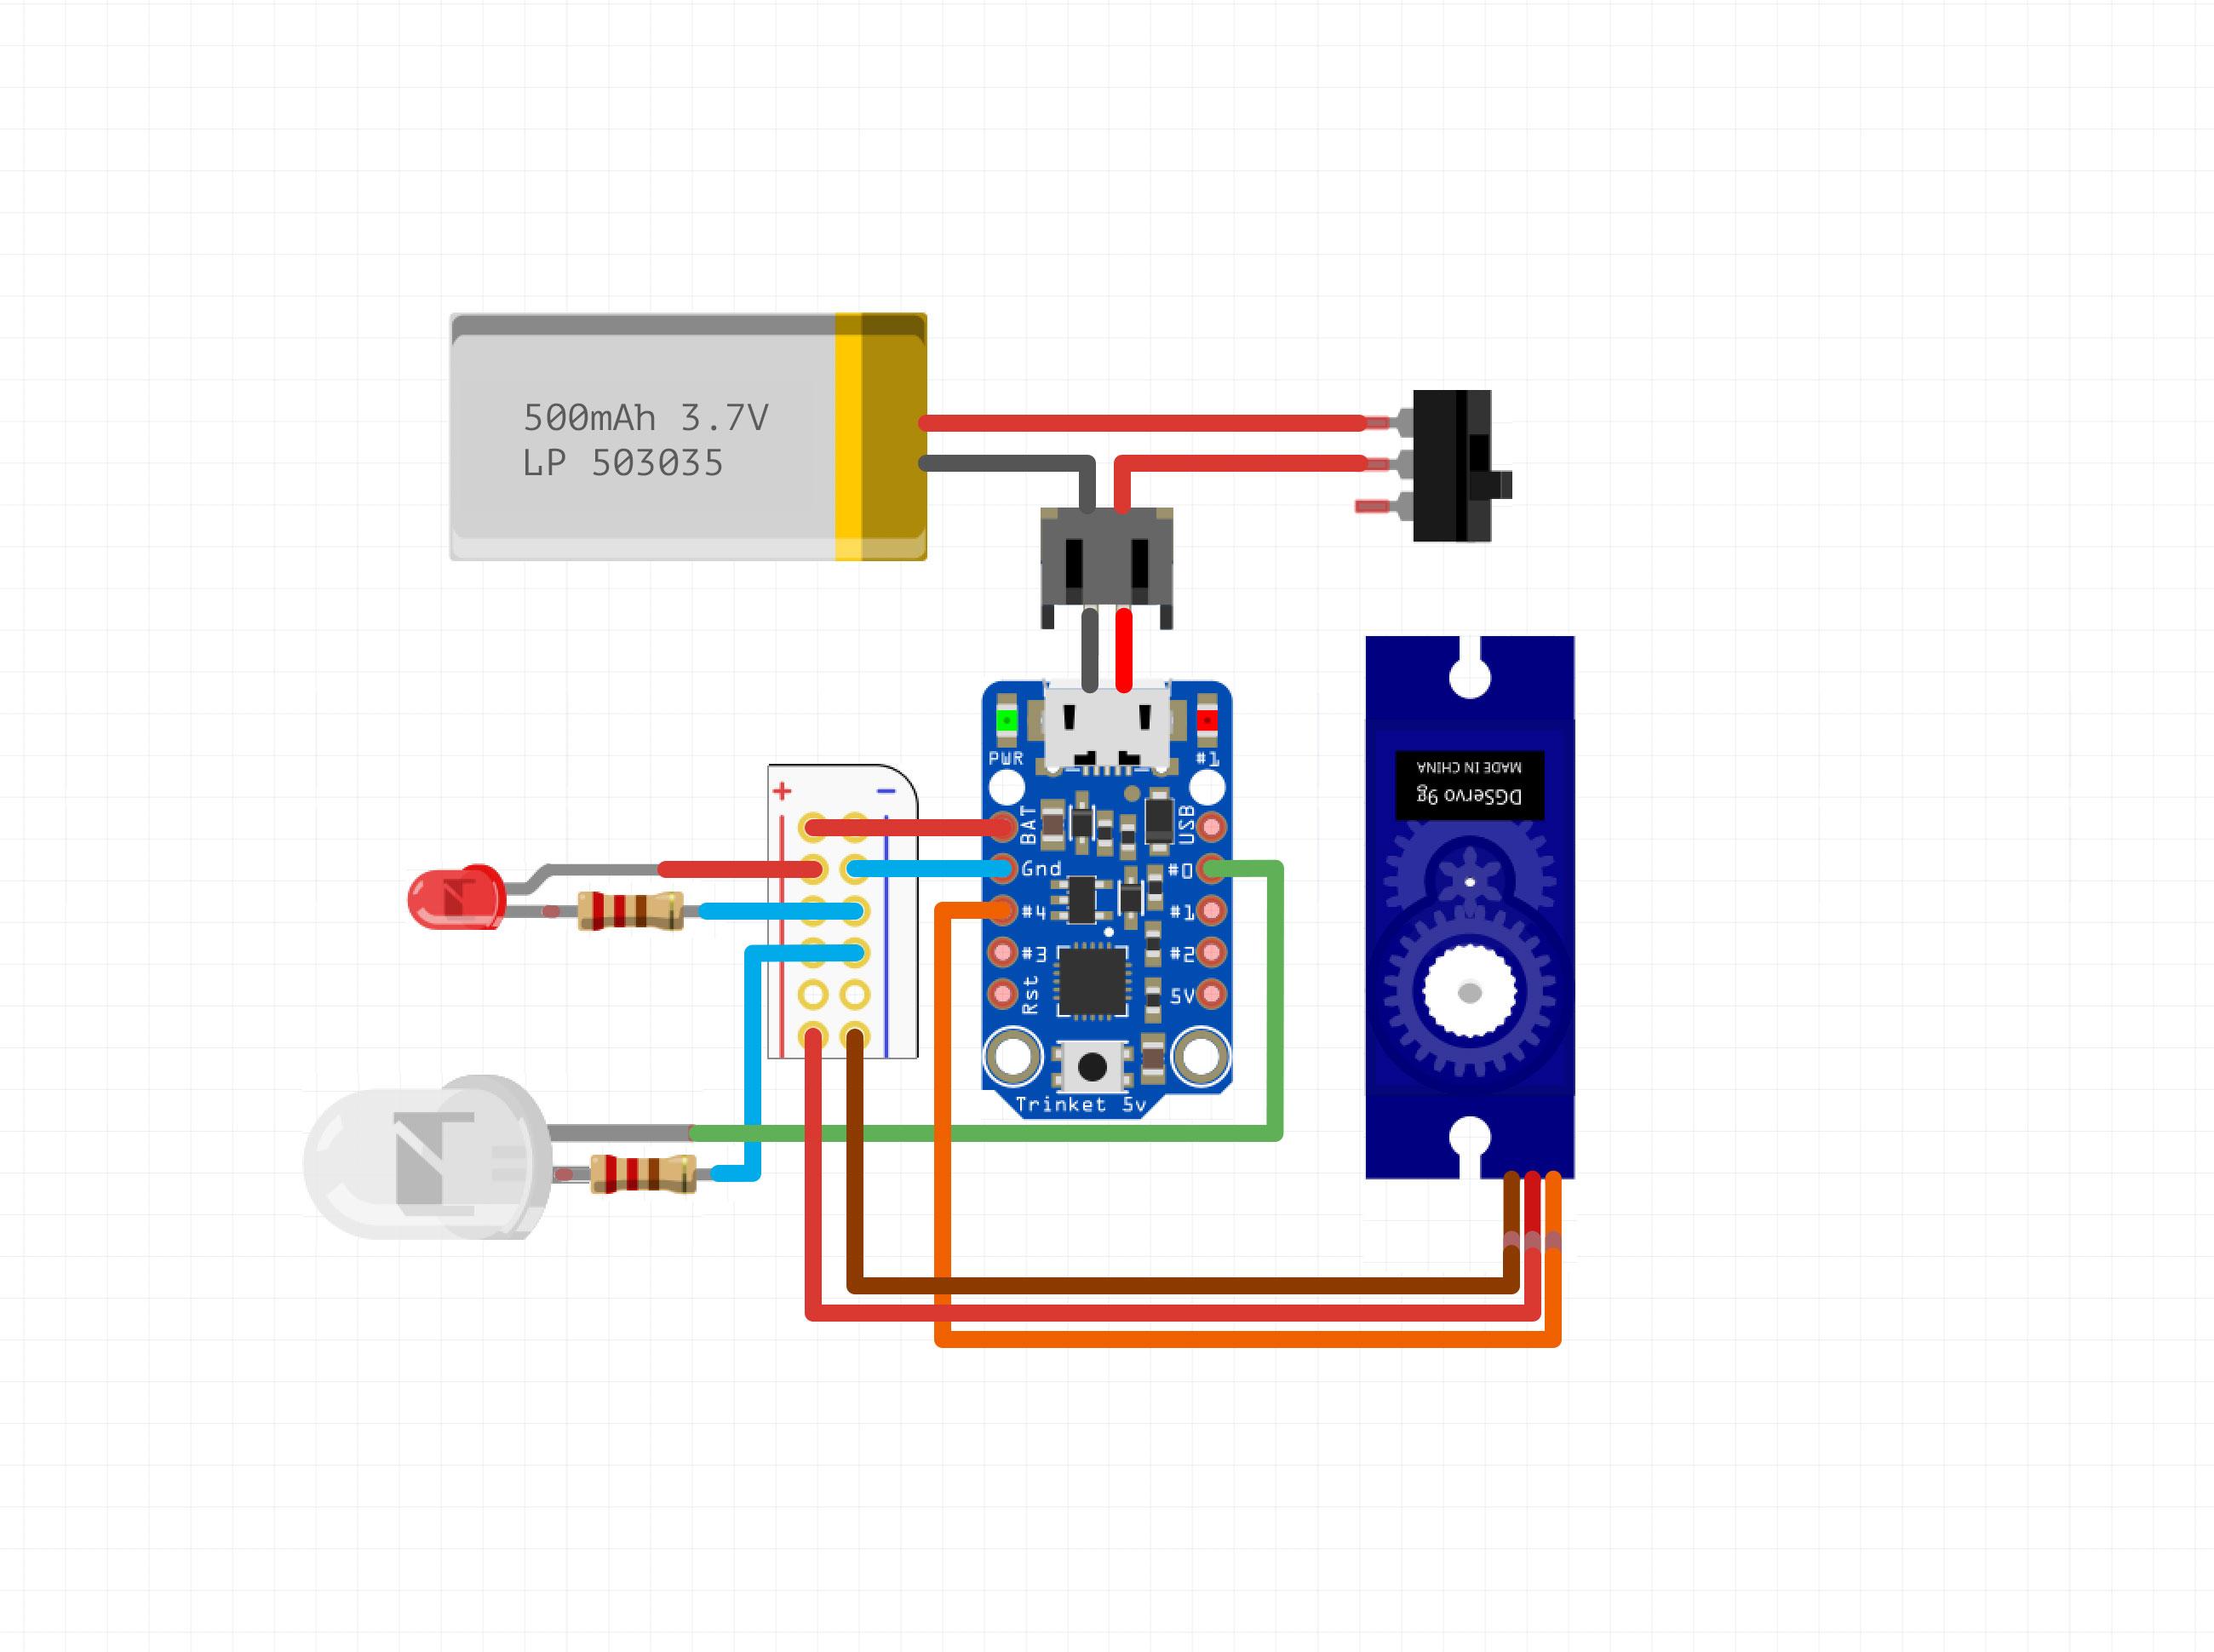 Leds circuit diagram ksptypq1xd